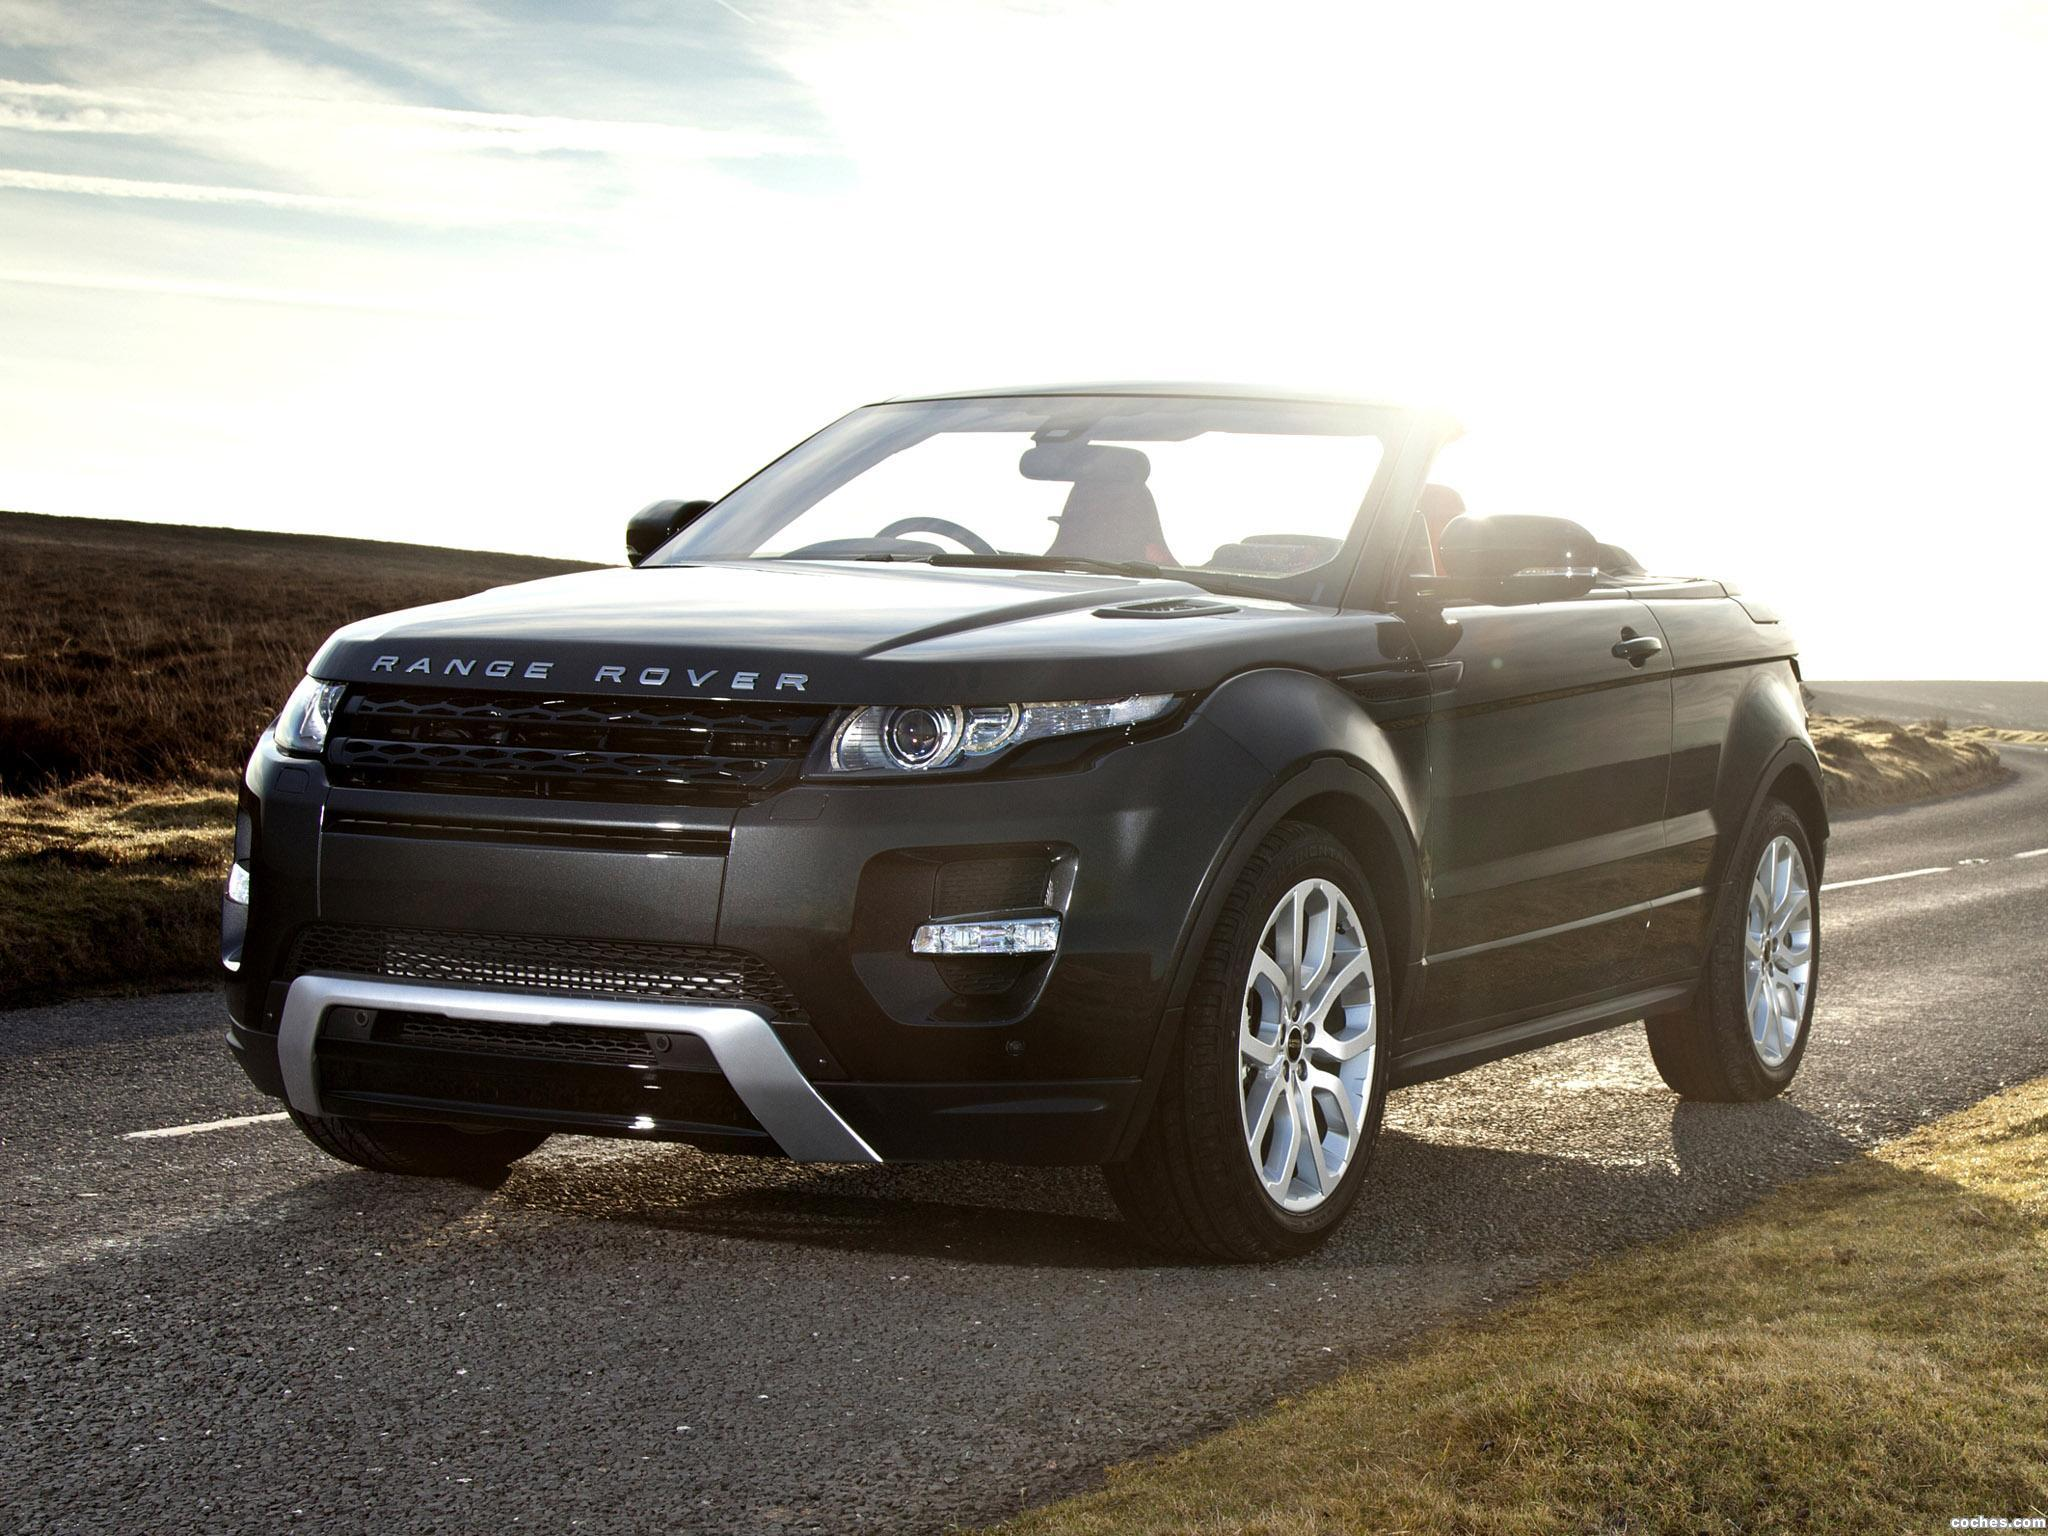 Foto 12 de Land Rover Range Rover Evoque Convertible Concept 2012